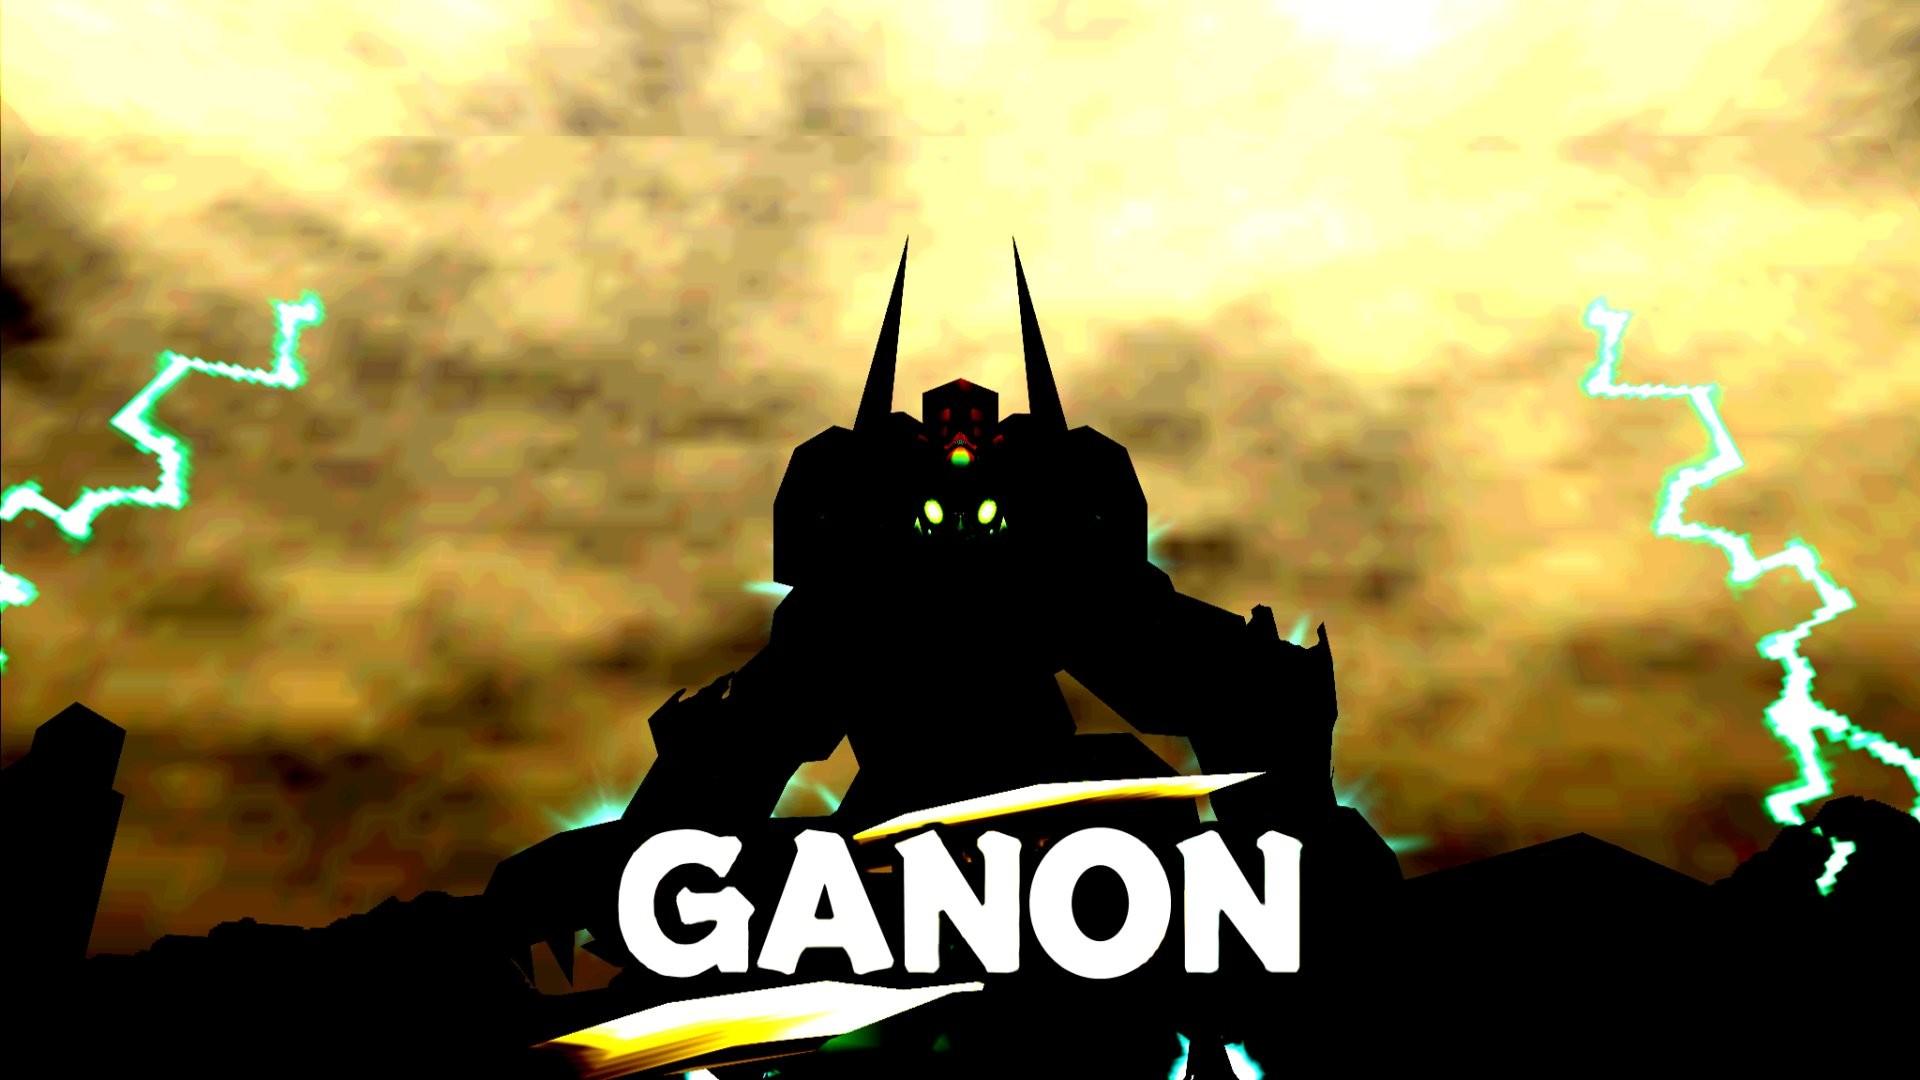 Ganondorf The Legend of Zelda Ganon wallpaper | | 256062 |  WallpaperUP